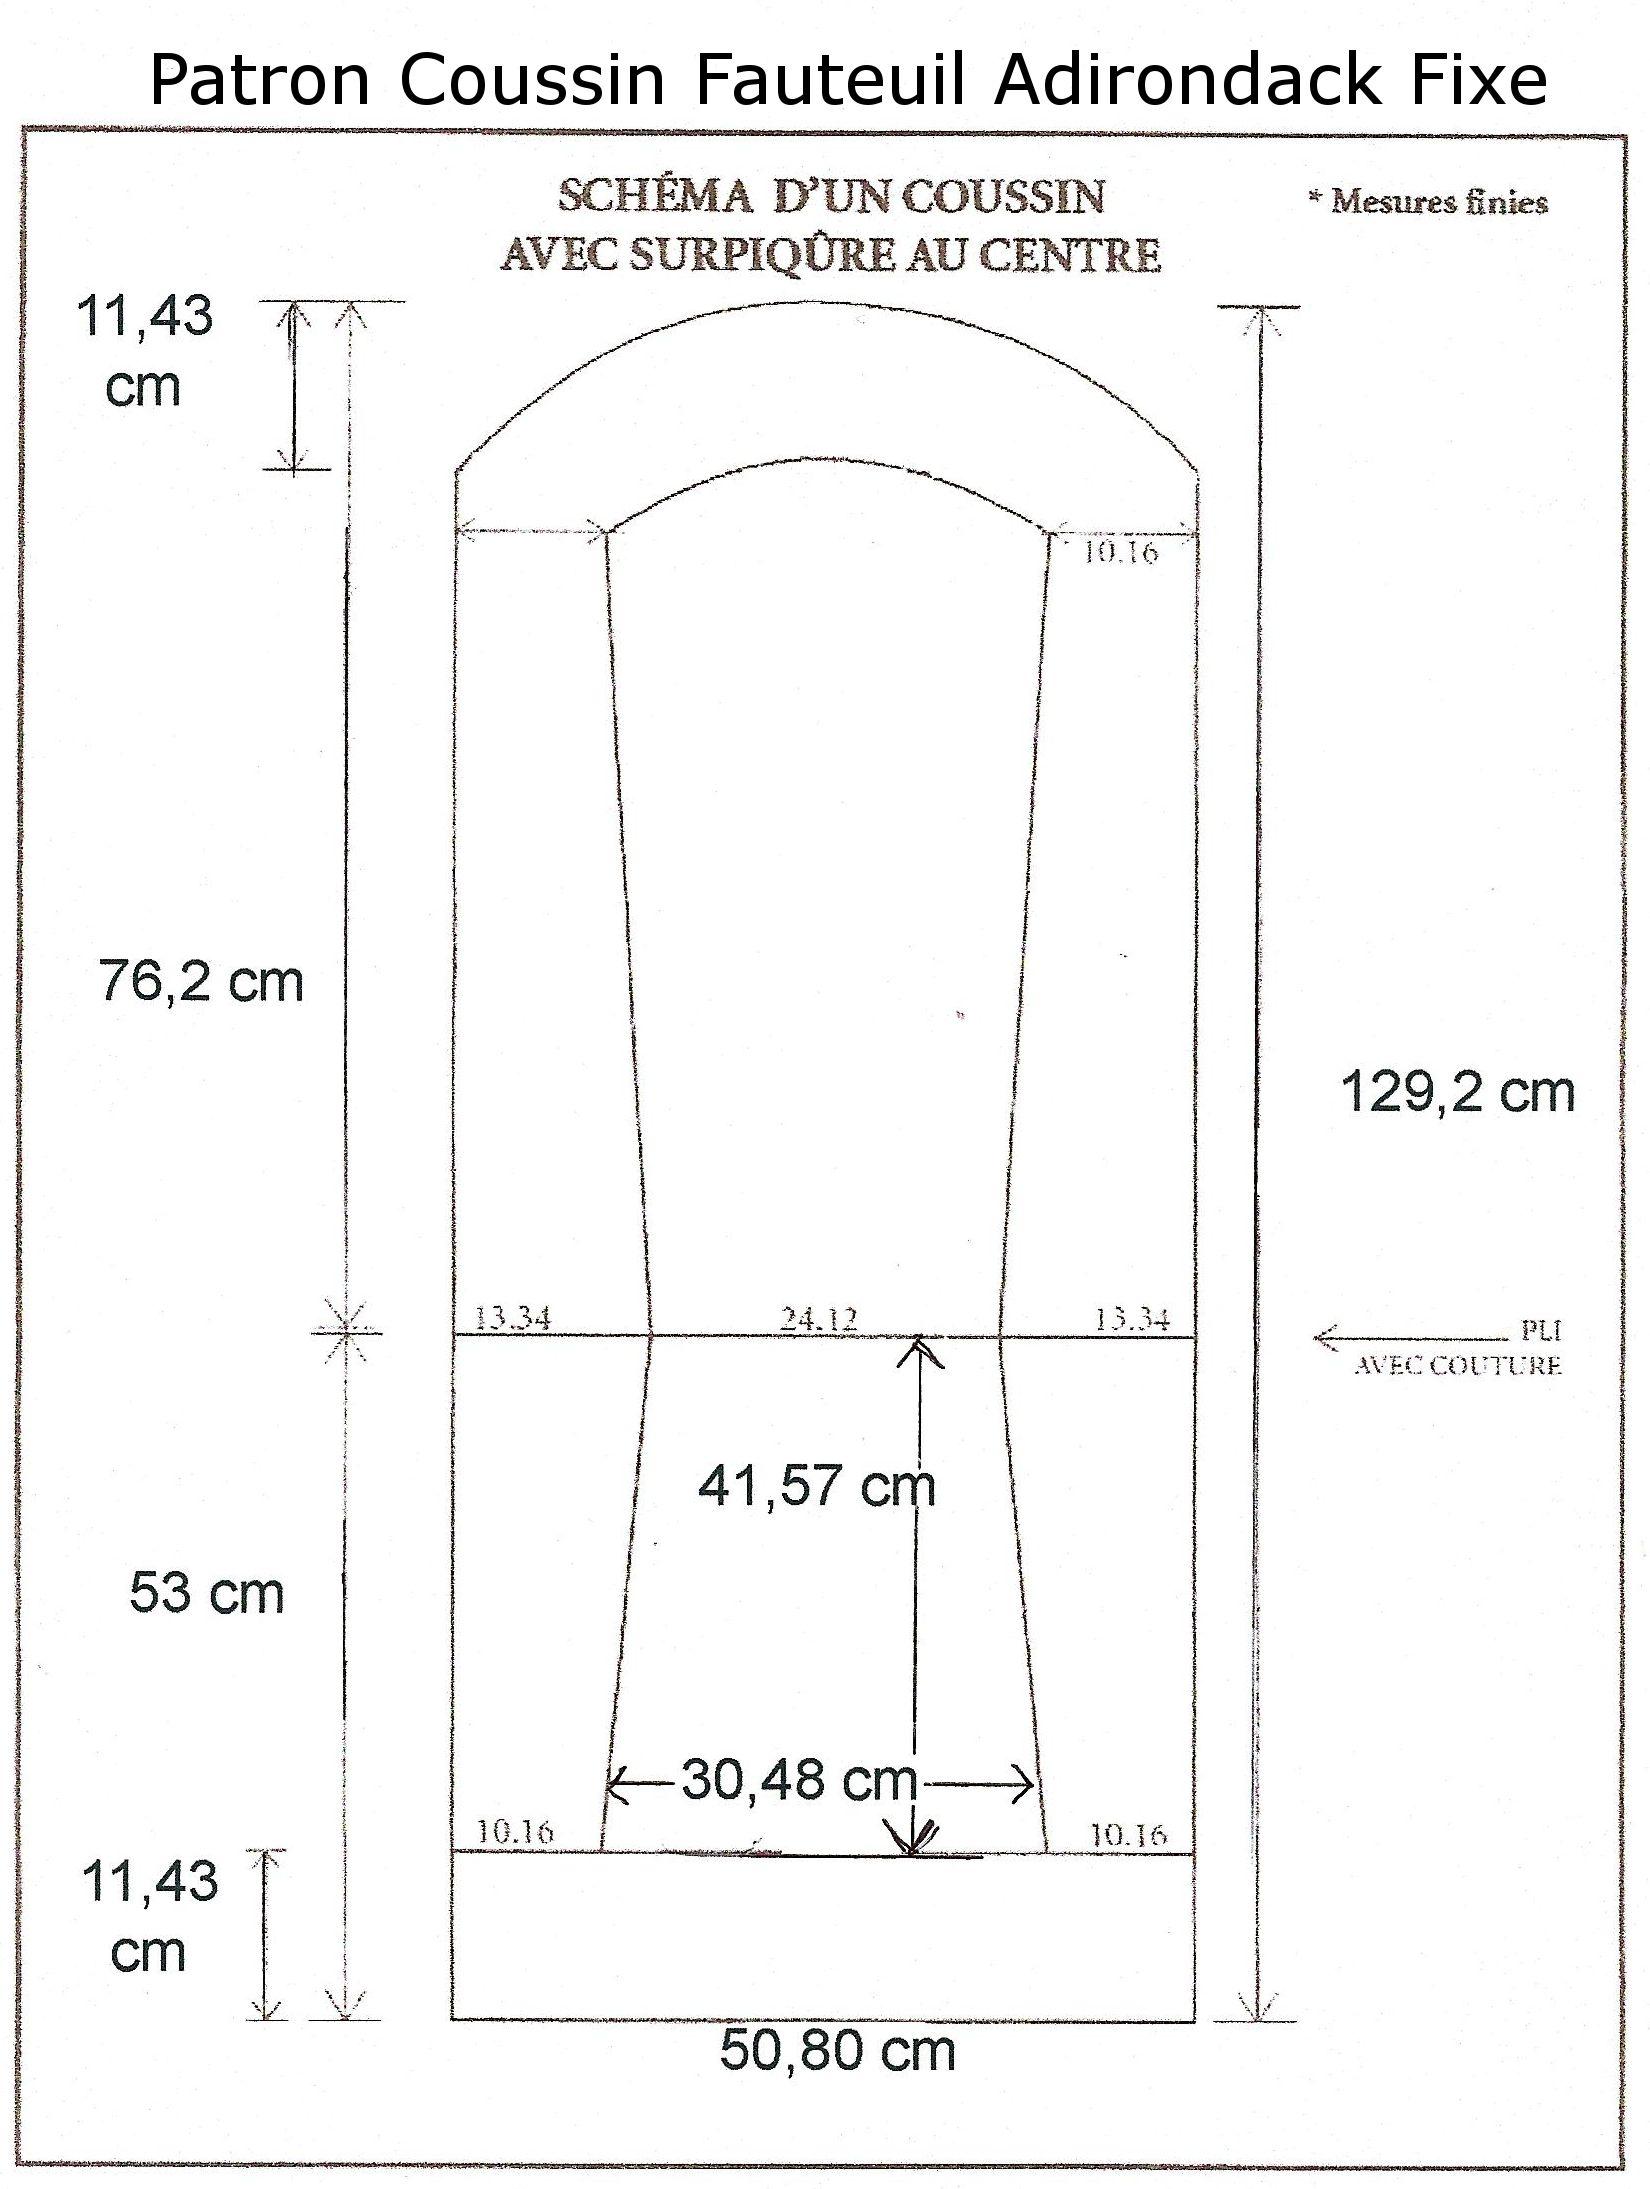 Coussin Pour Fauteuil Adirondack patron coussin fauteuil adirondack fixe (1650×2189